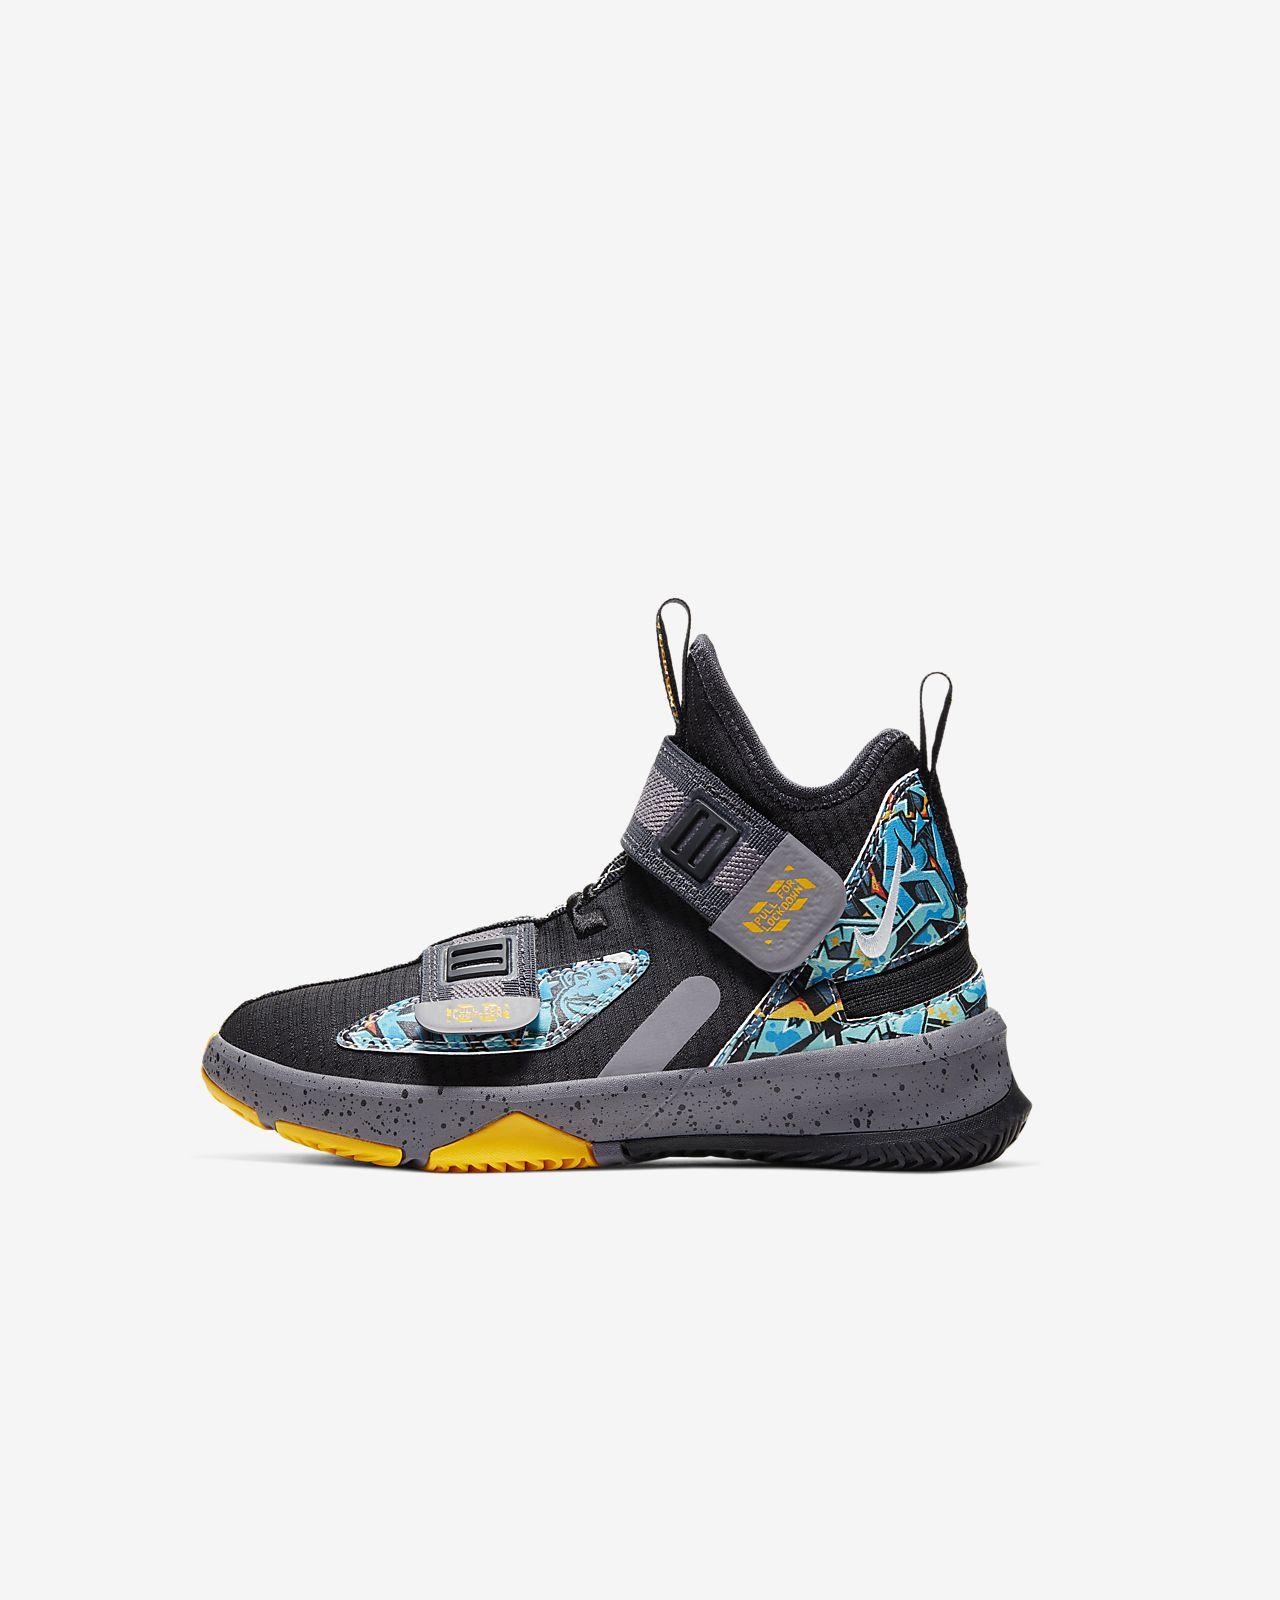 Buty dla małych dzieci LeBron Soldier 13 FlyEase